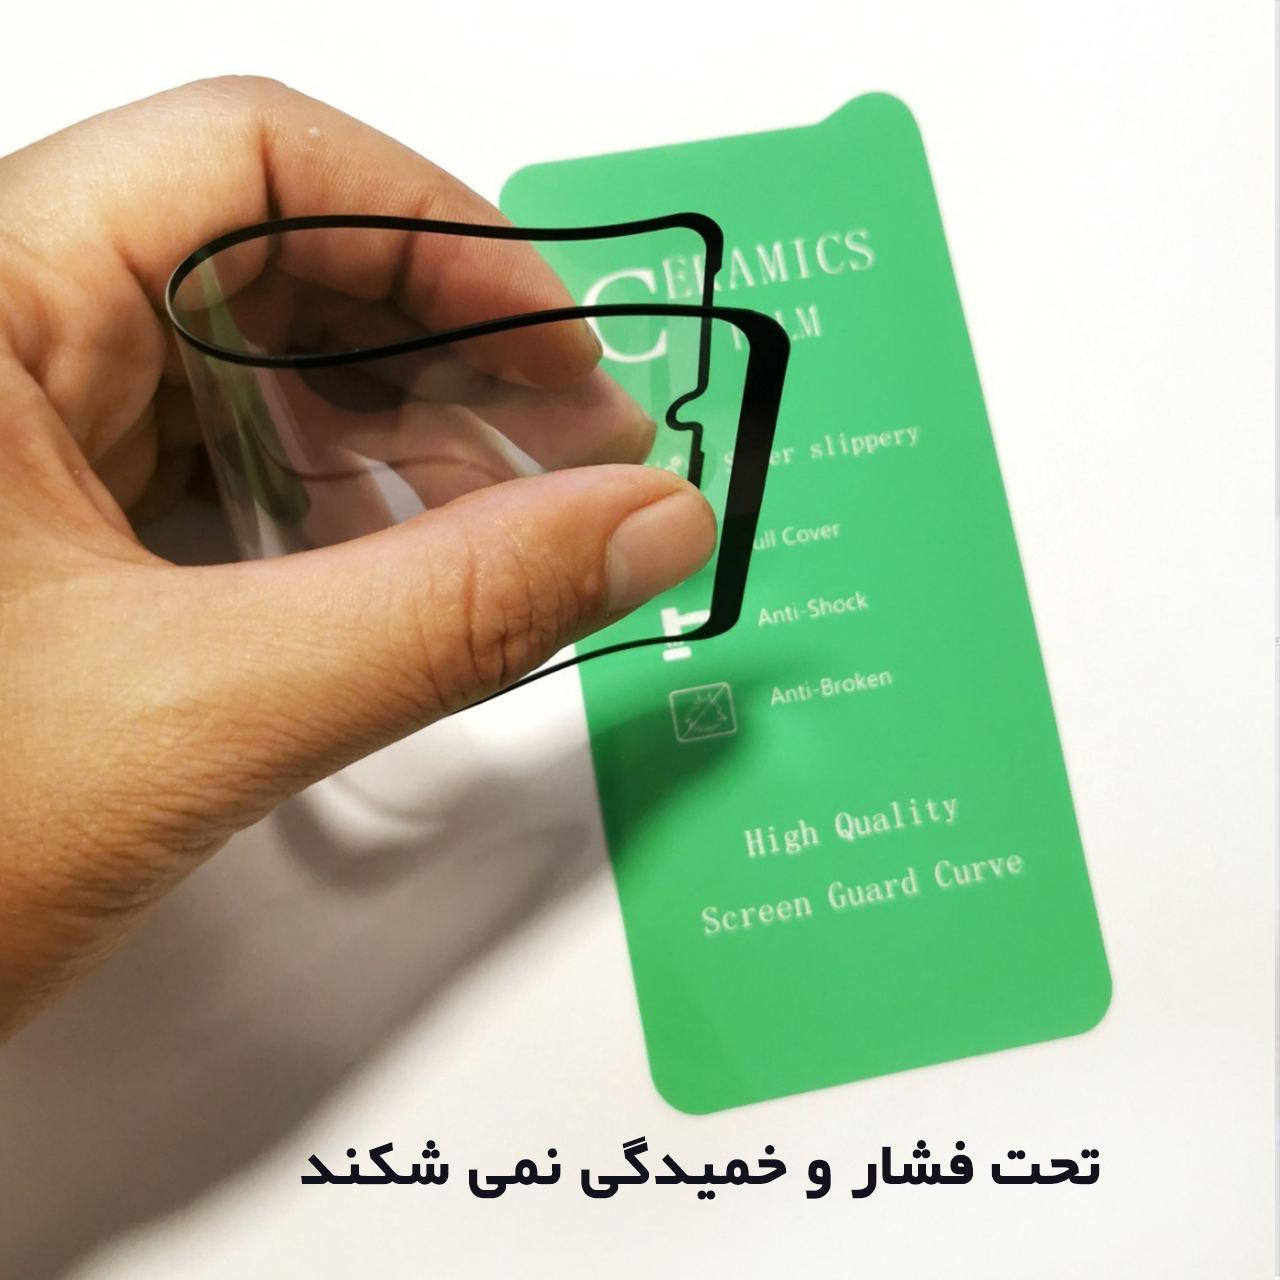 محافظ صفحه نمایش مسیر مدل MCRMC-2 مناسب برای گوشی موبایل سامسونگ Galaxy A70\A70S بسته دو عددی main 1 1